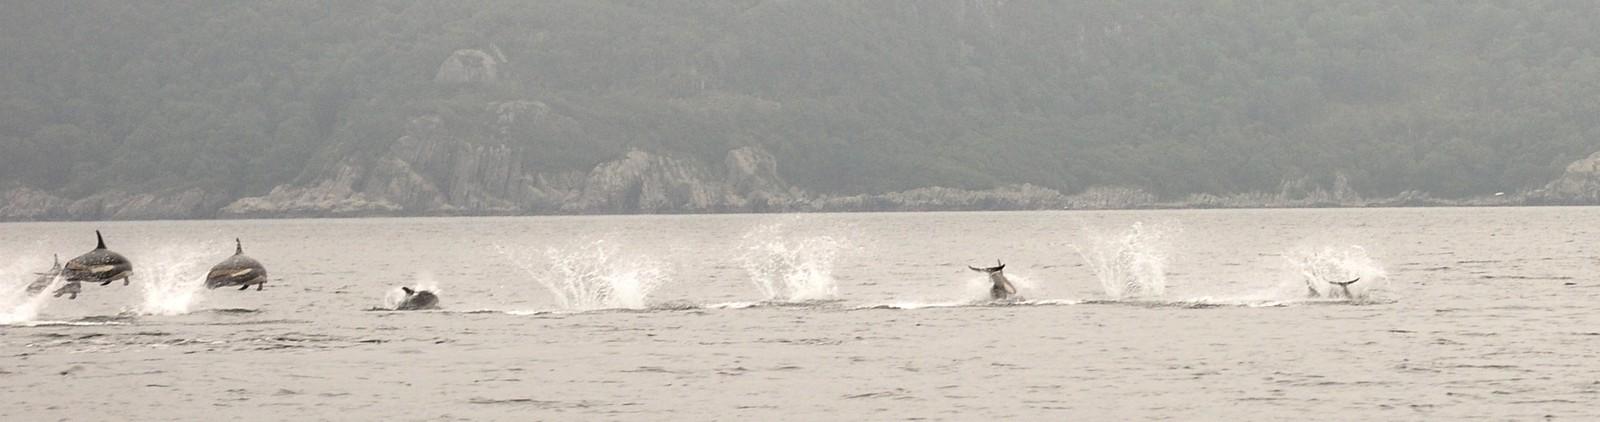 Silje Jakobsen Østhus mener det var nærmere 100 delfiner i stimen utenfor Flekkefjord.